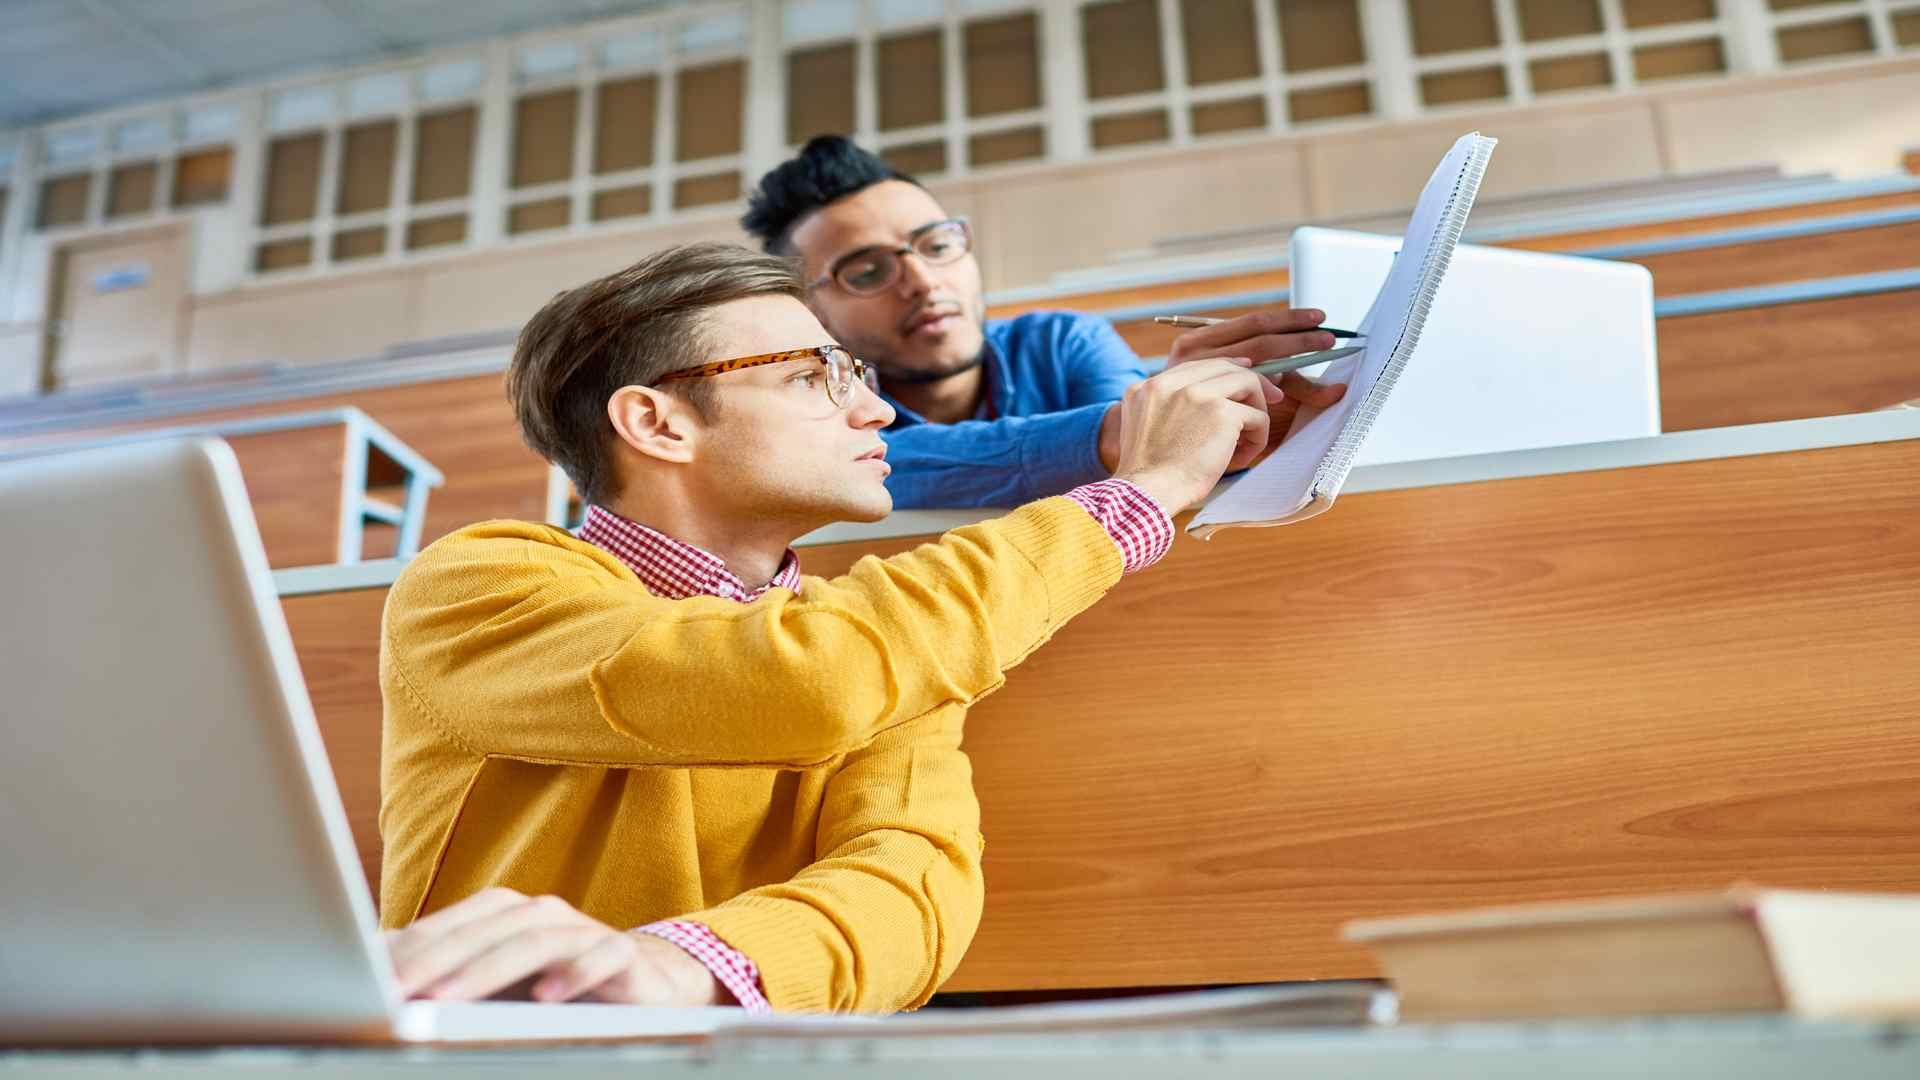 סטודנט זקוק לעזרה בסמינריון